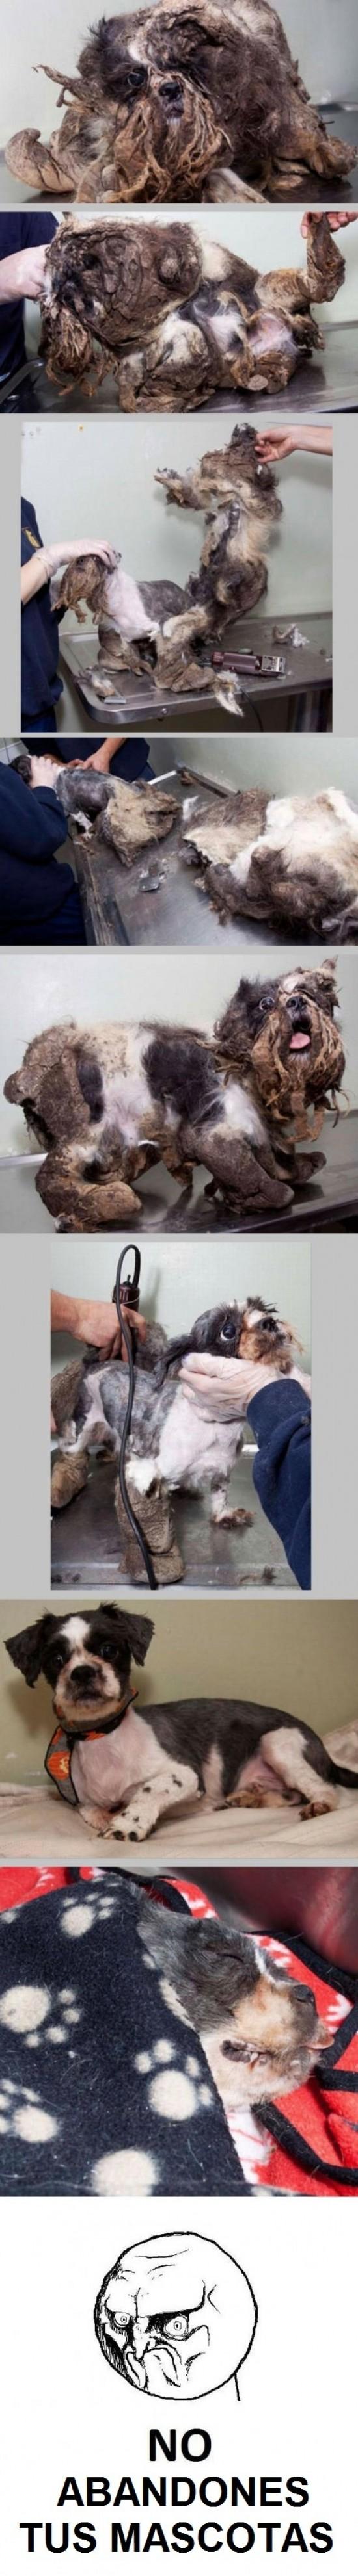 abandono,cuidado,mascotas,mejor amigo,perros